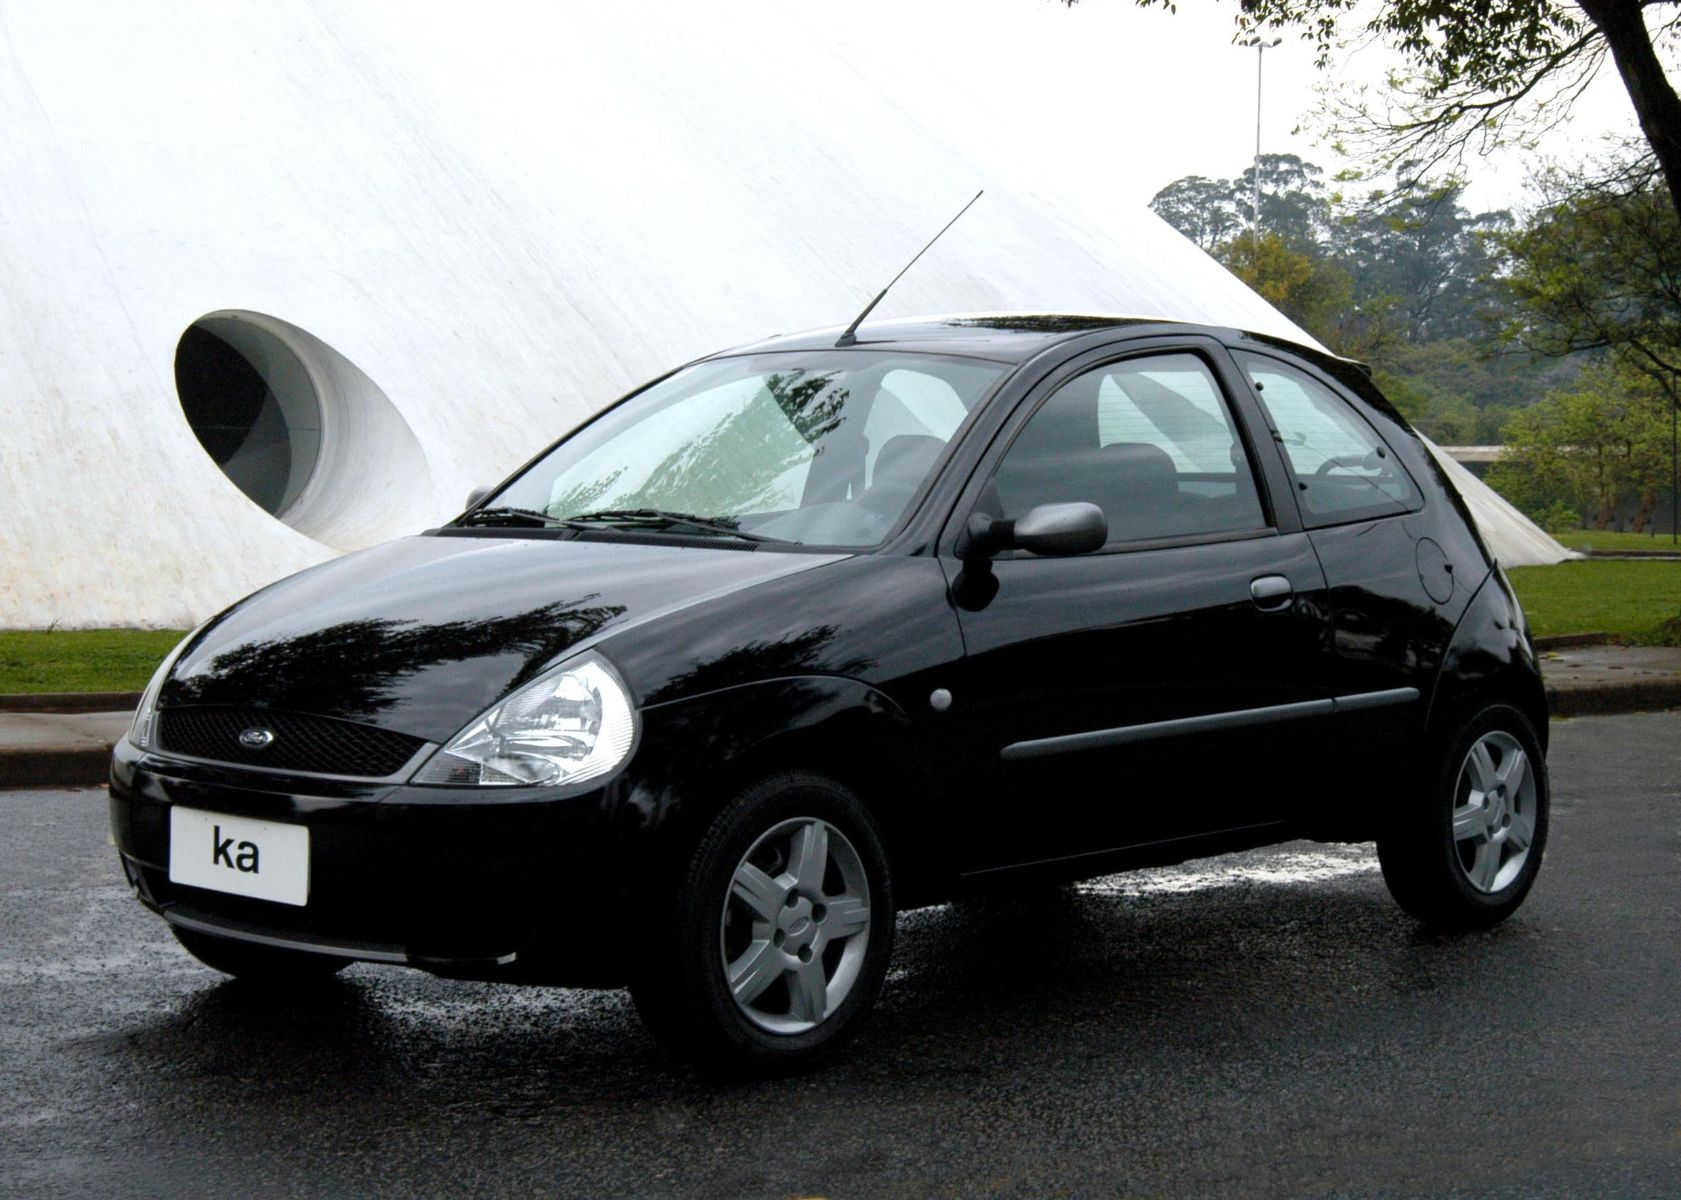 ford ka mp3 2005 preto frente